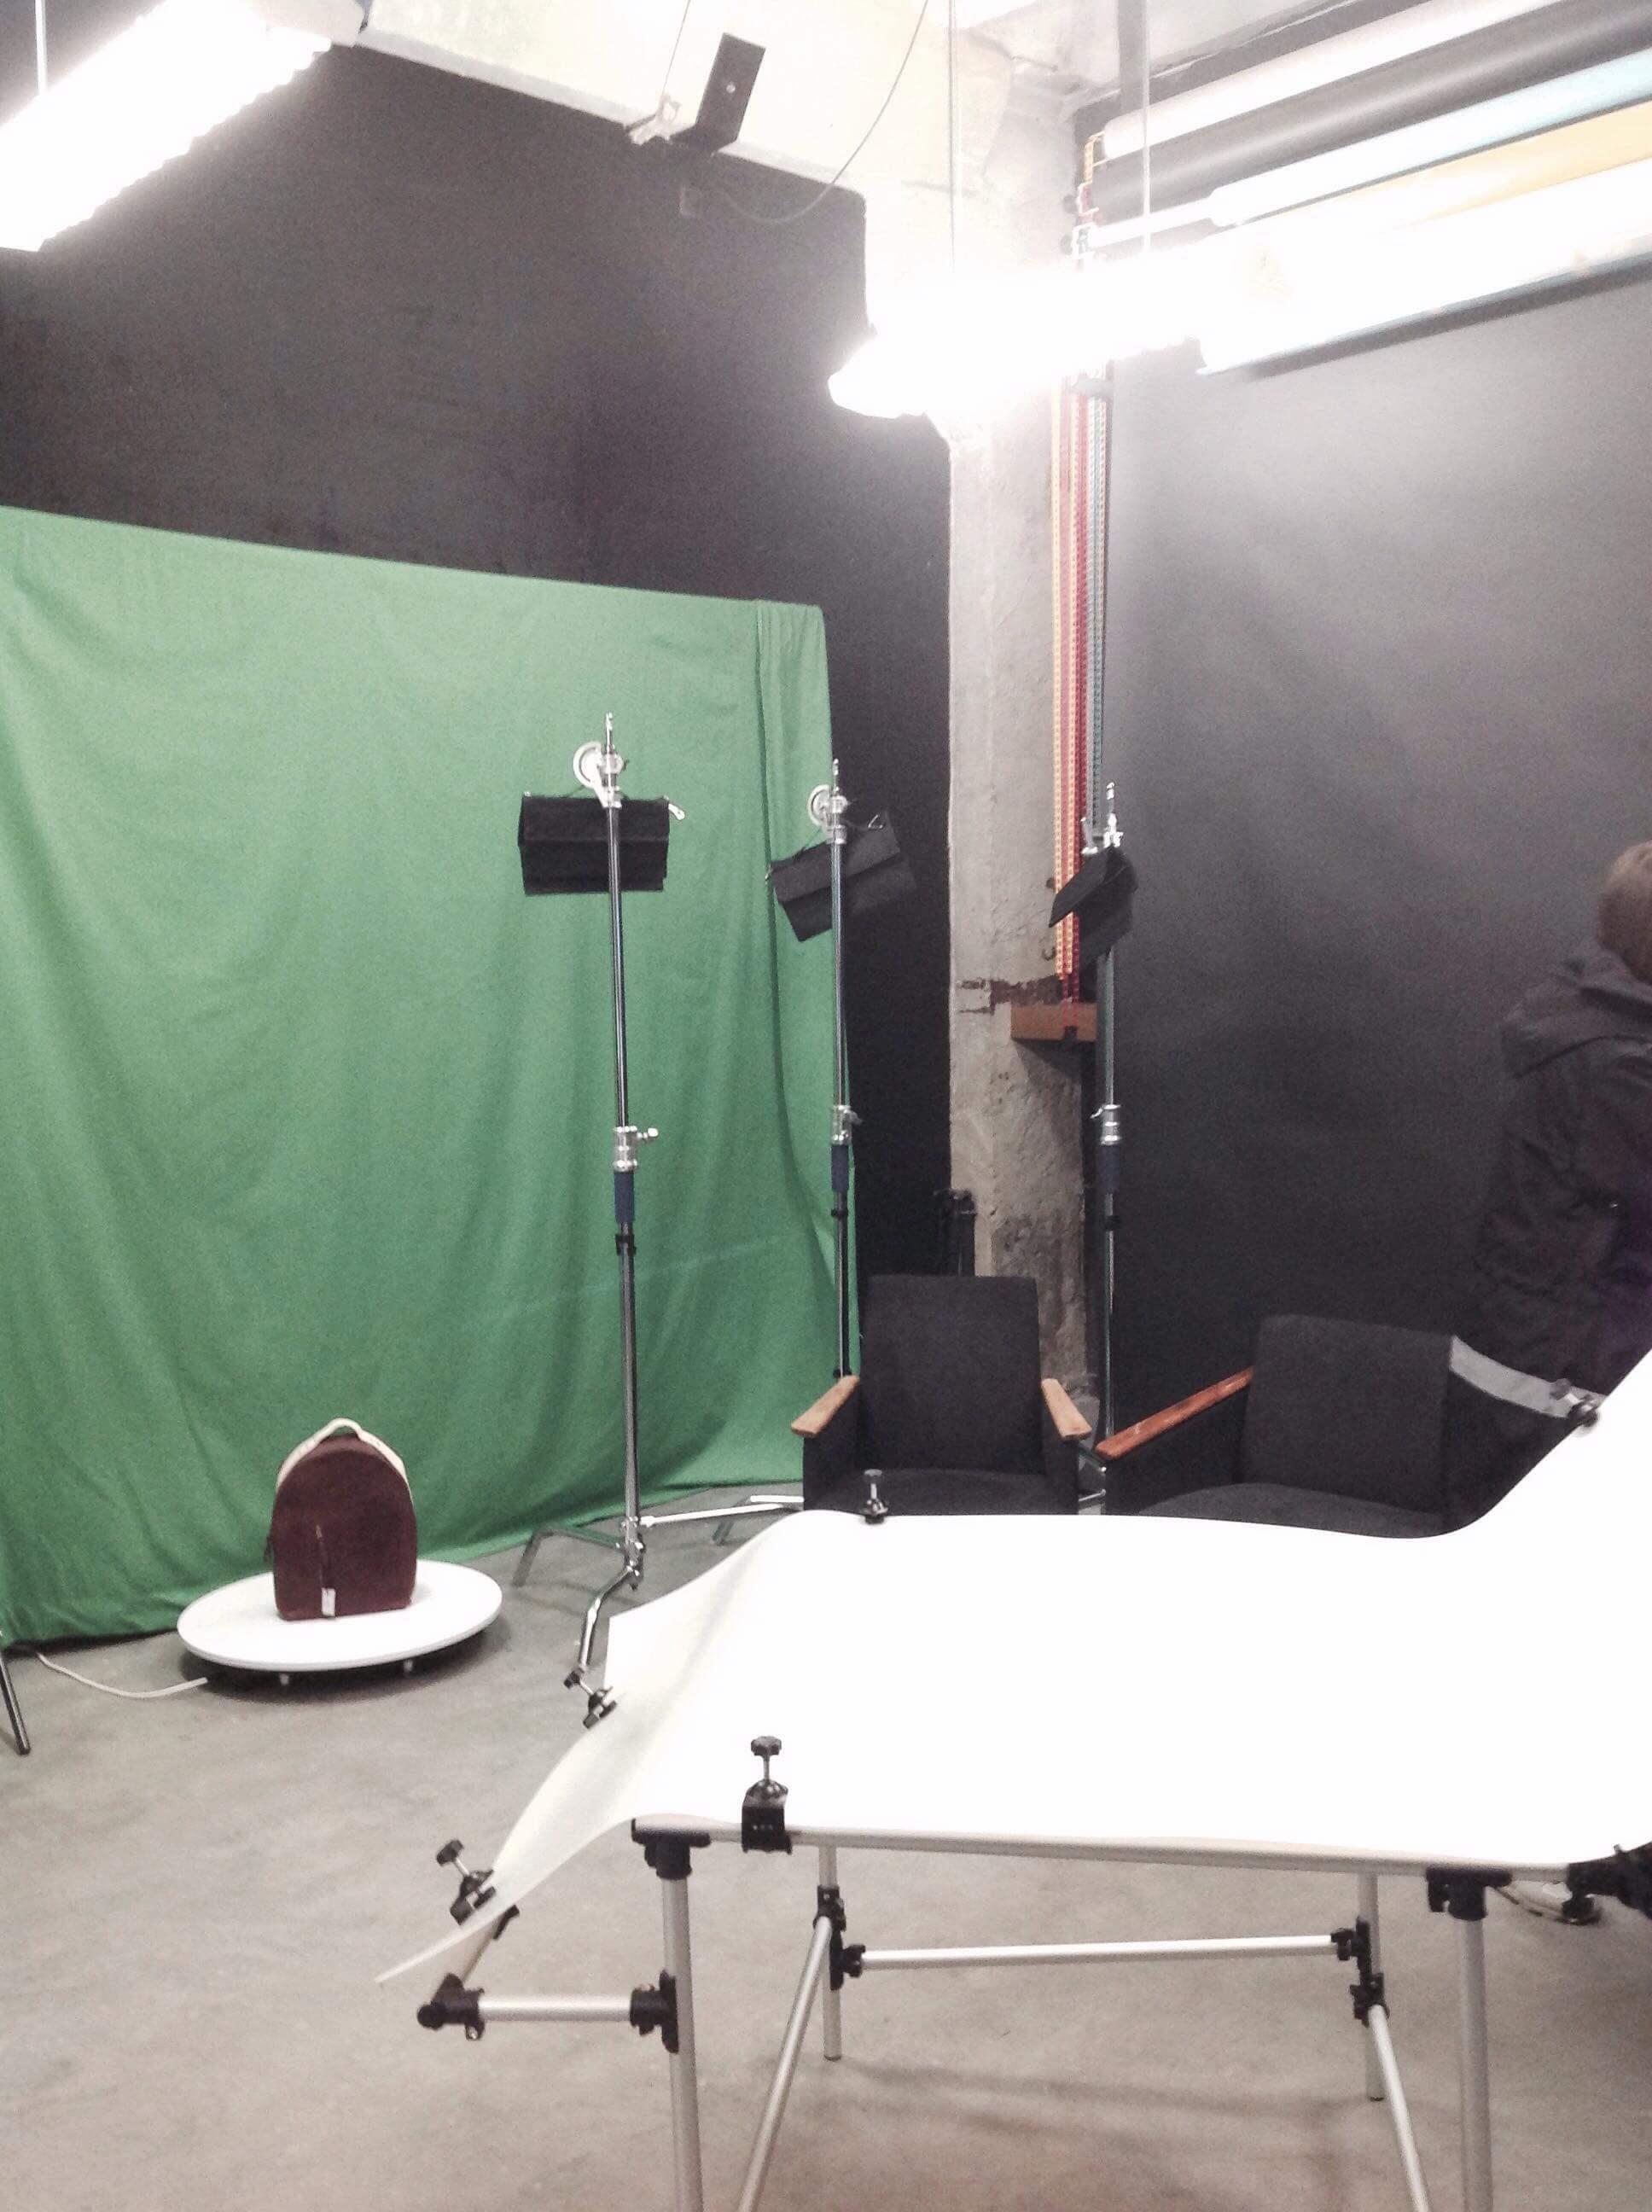 У Франківську відкрили простір для розвитку кіноіндустрії та мультимедіа (ФОТО)